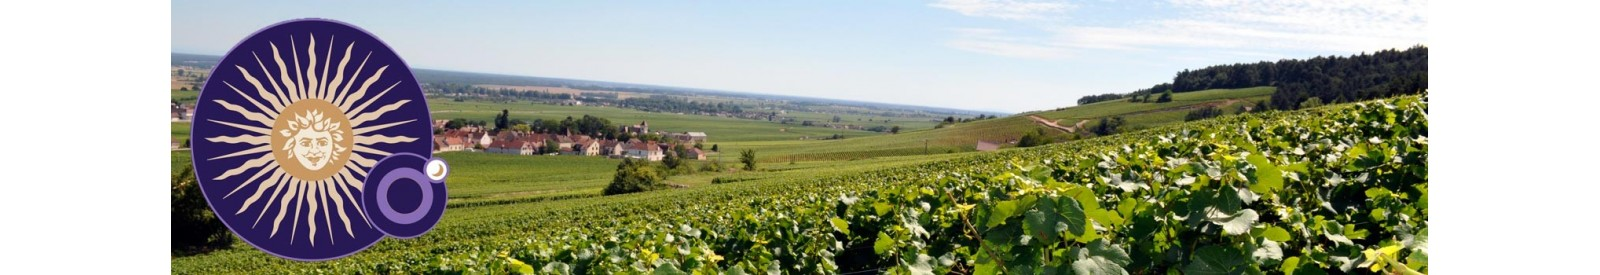 Domaine Michel Magnien - Morey-Saint-denis – Vin Bio